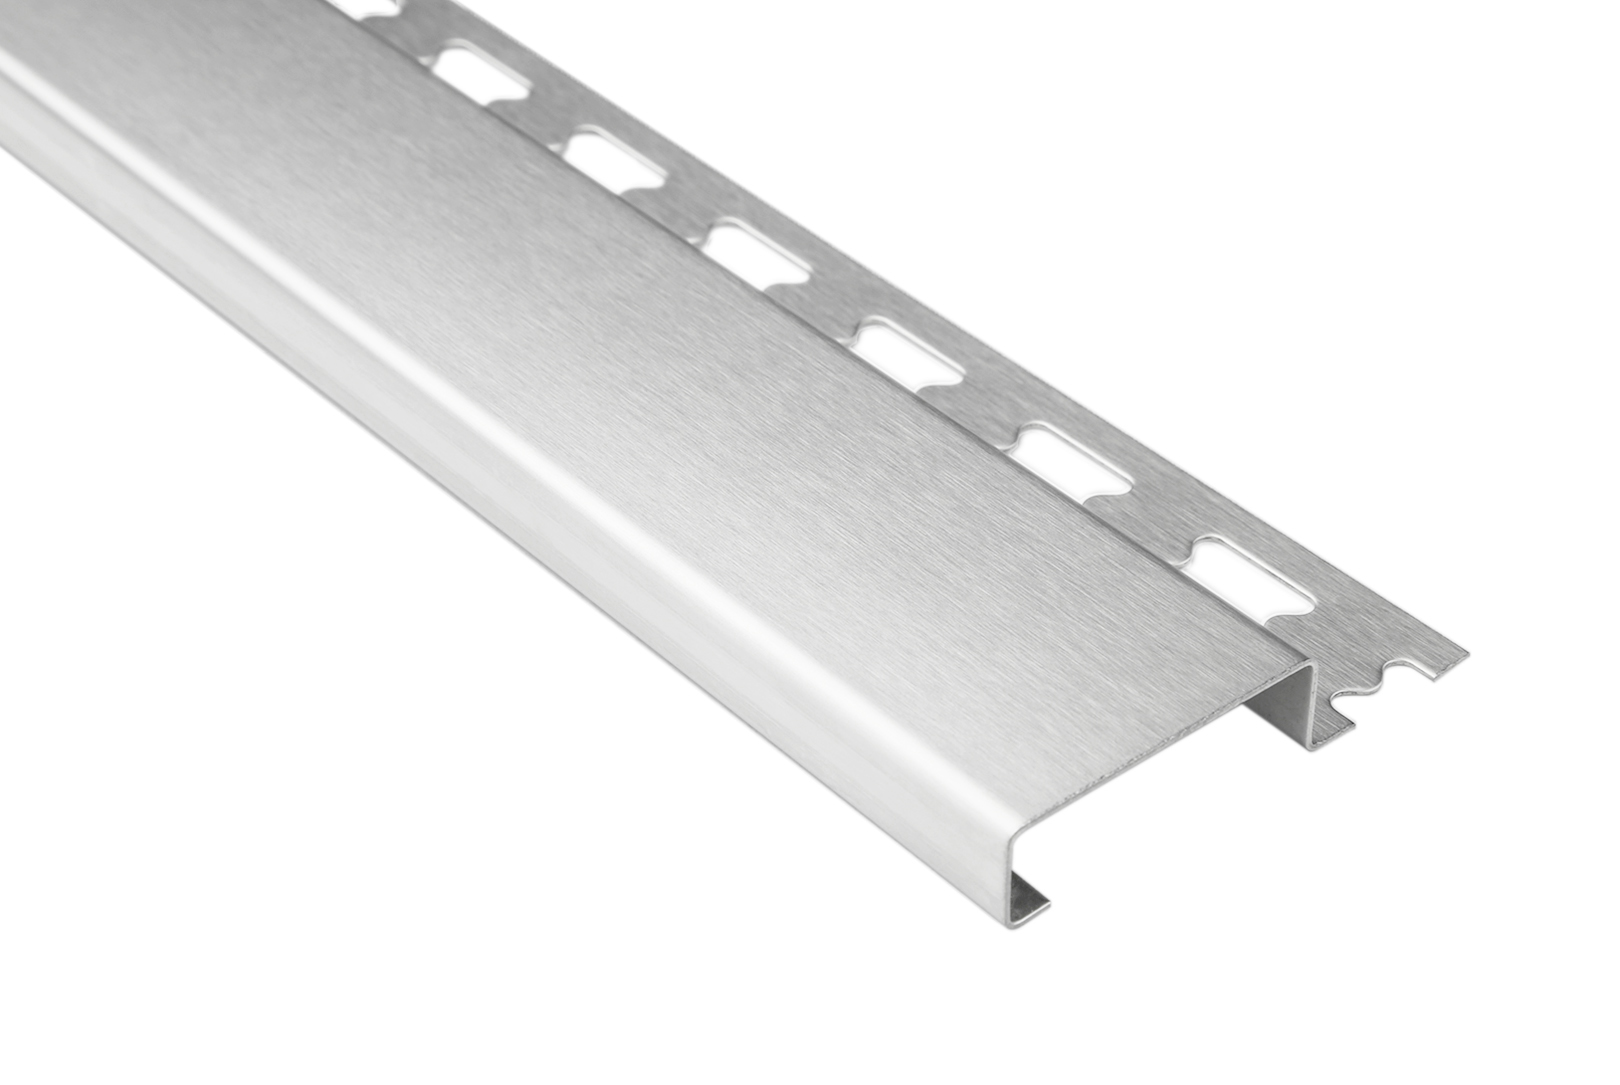 Sockelprofil 10mm | Edelstahlschienen - silber gebürstet | ES Sparpaket